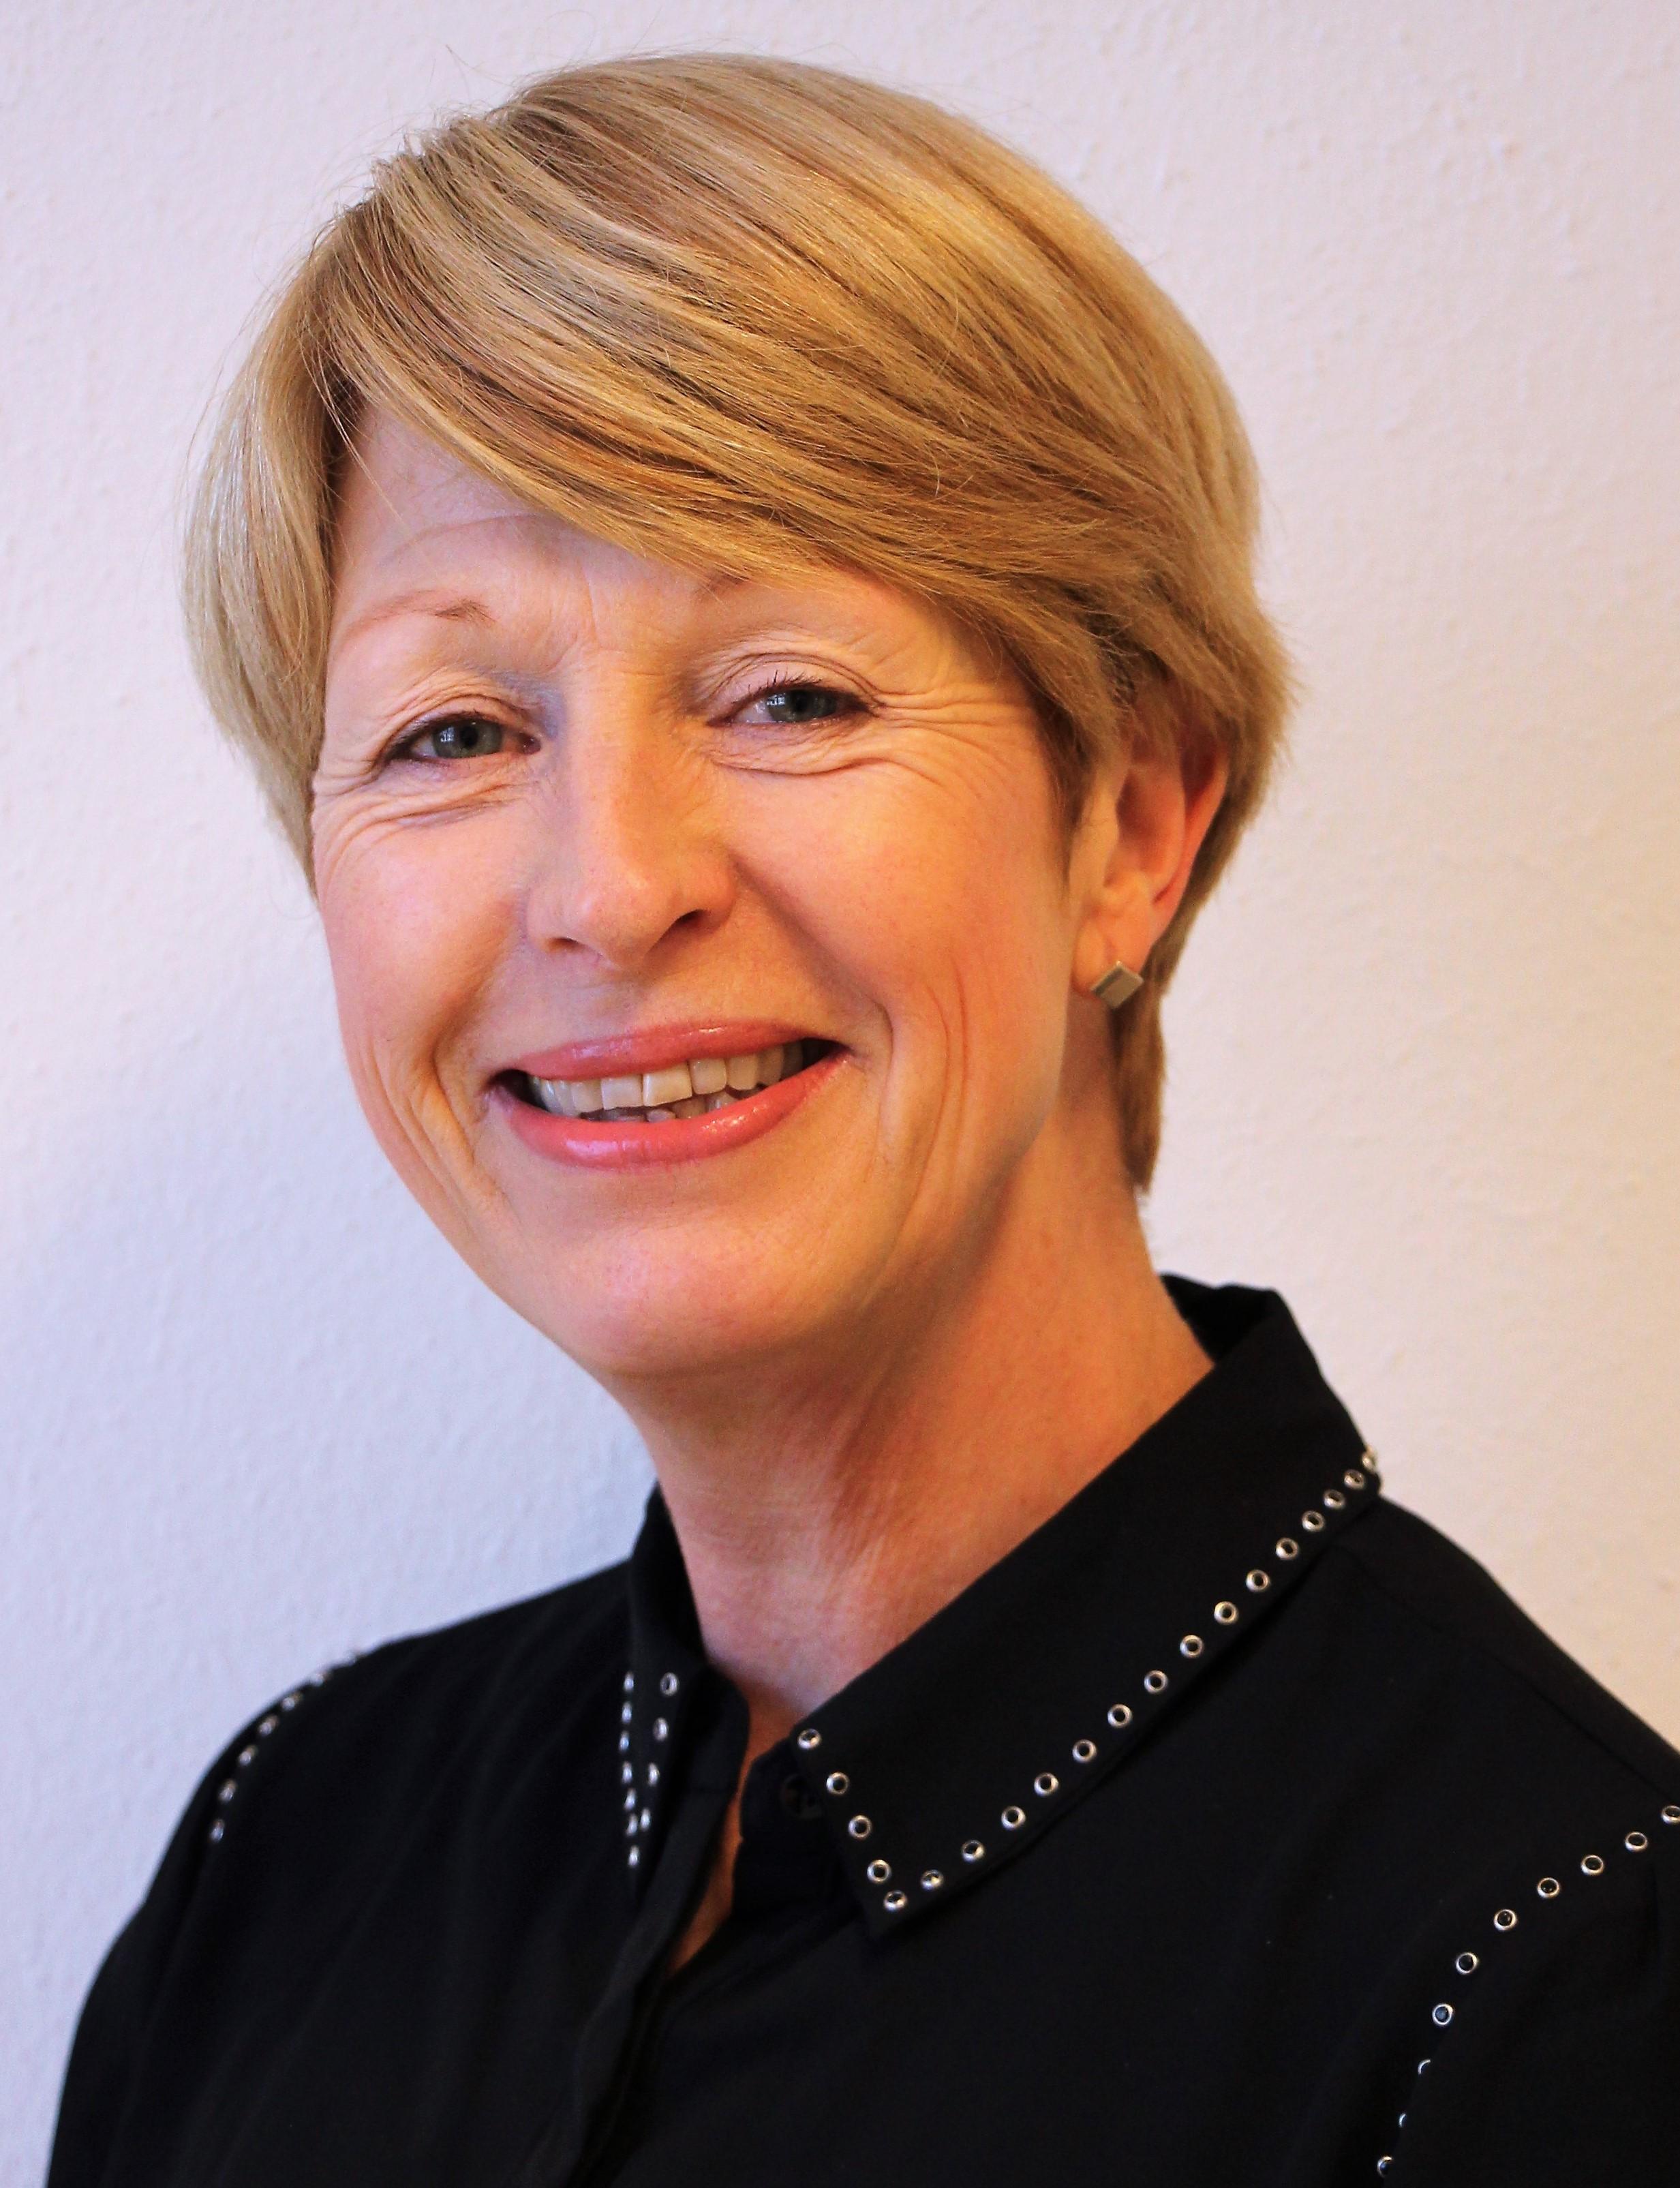 Trudy - Kapper bij HairStylingStore Meerkerk